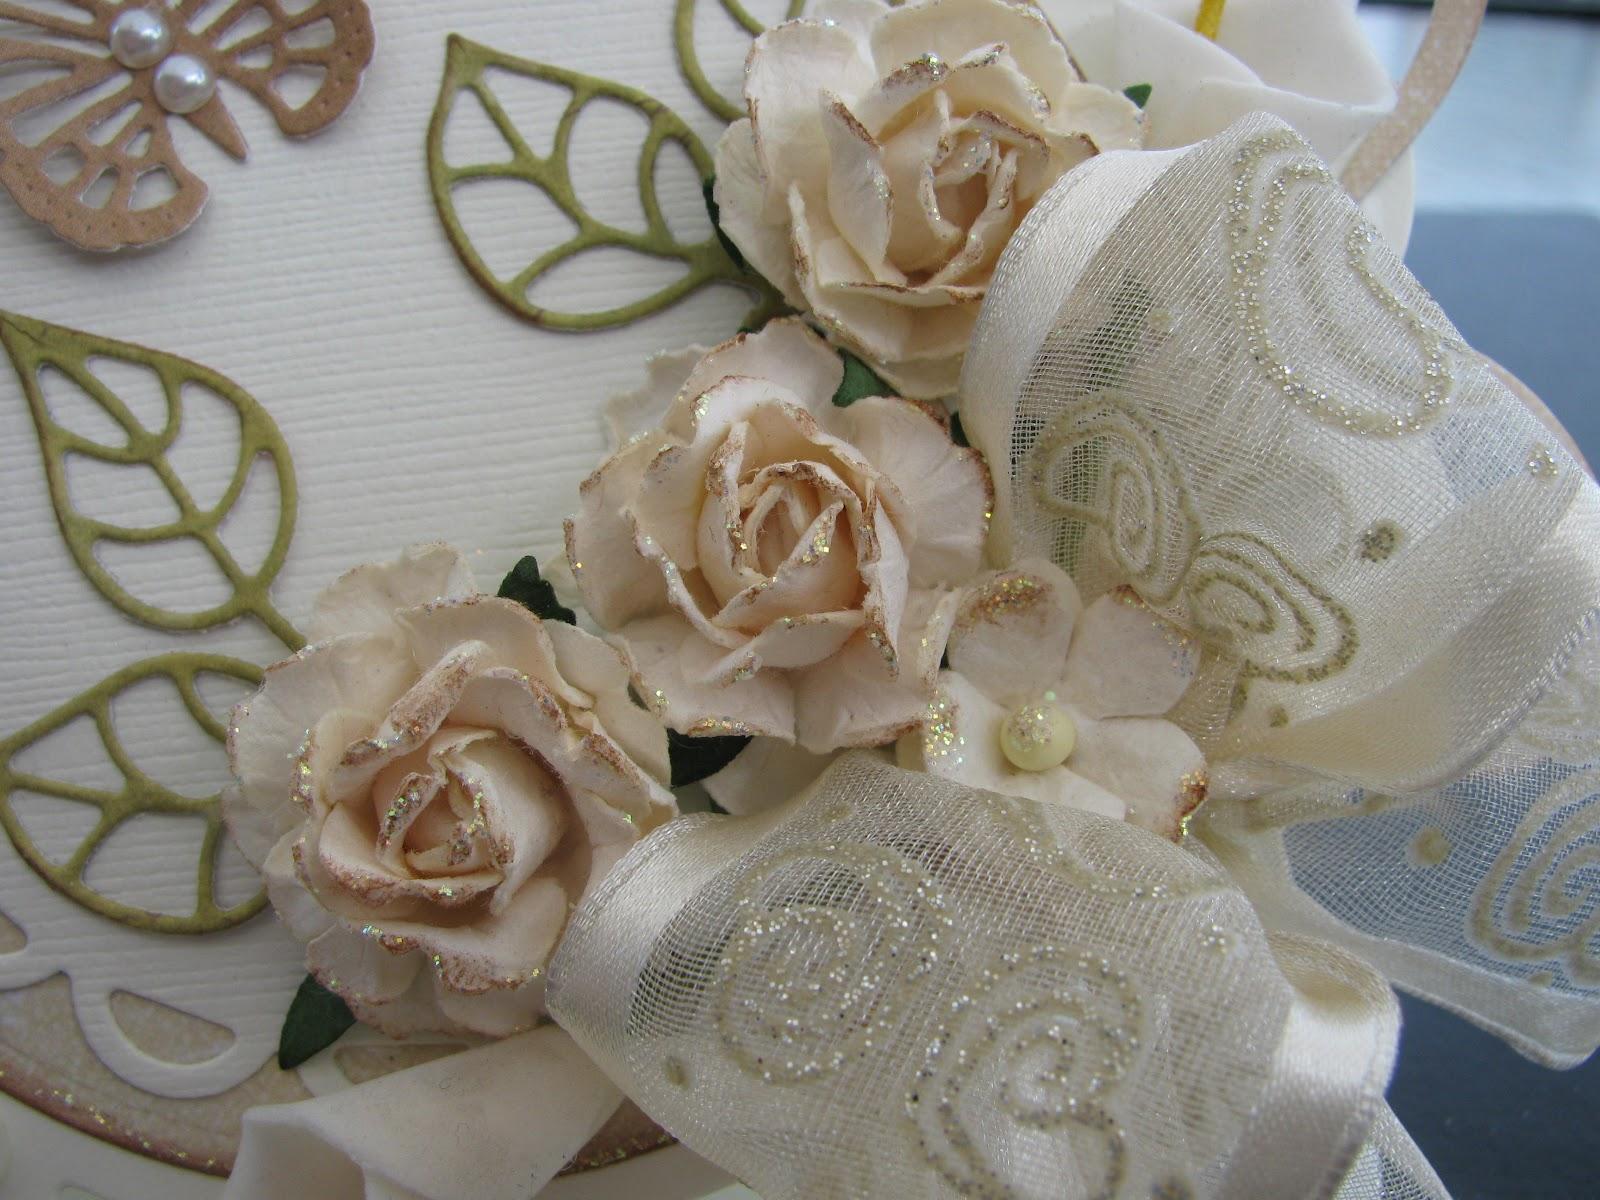 Les cr ations d 39 h l ne carte pour un 50e anniversaire de for Robes formelles pour 50e anniversaire de mariage